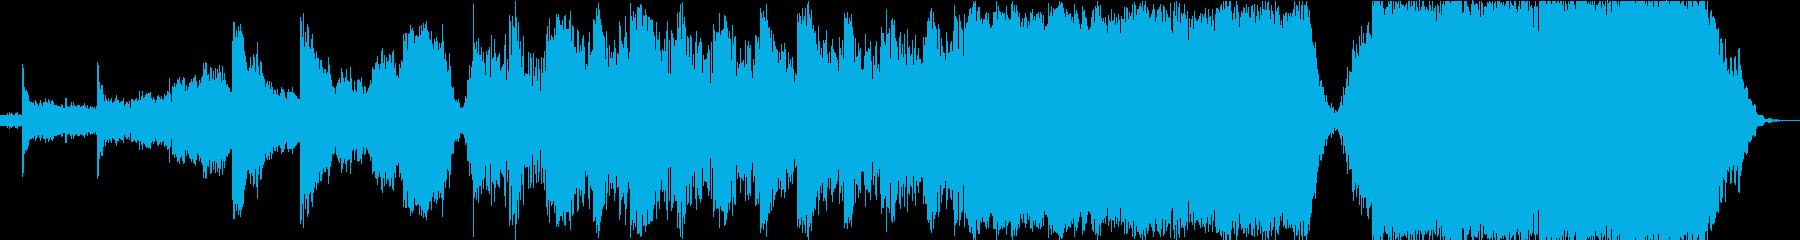 ハリウッドトレイラーの再生済みの波形